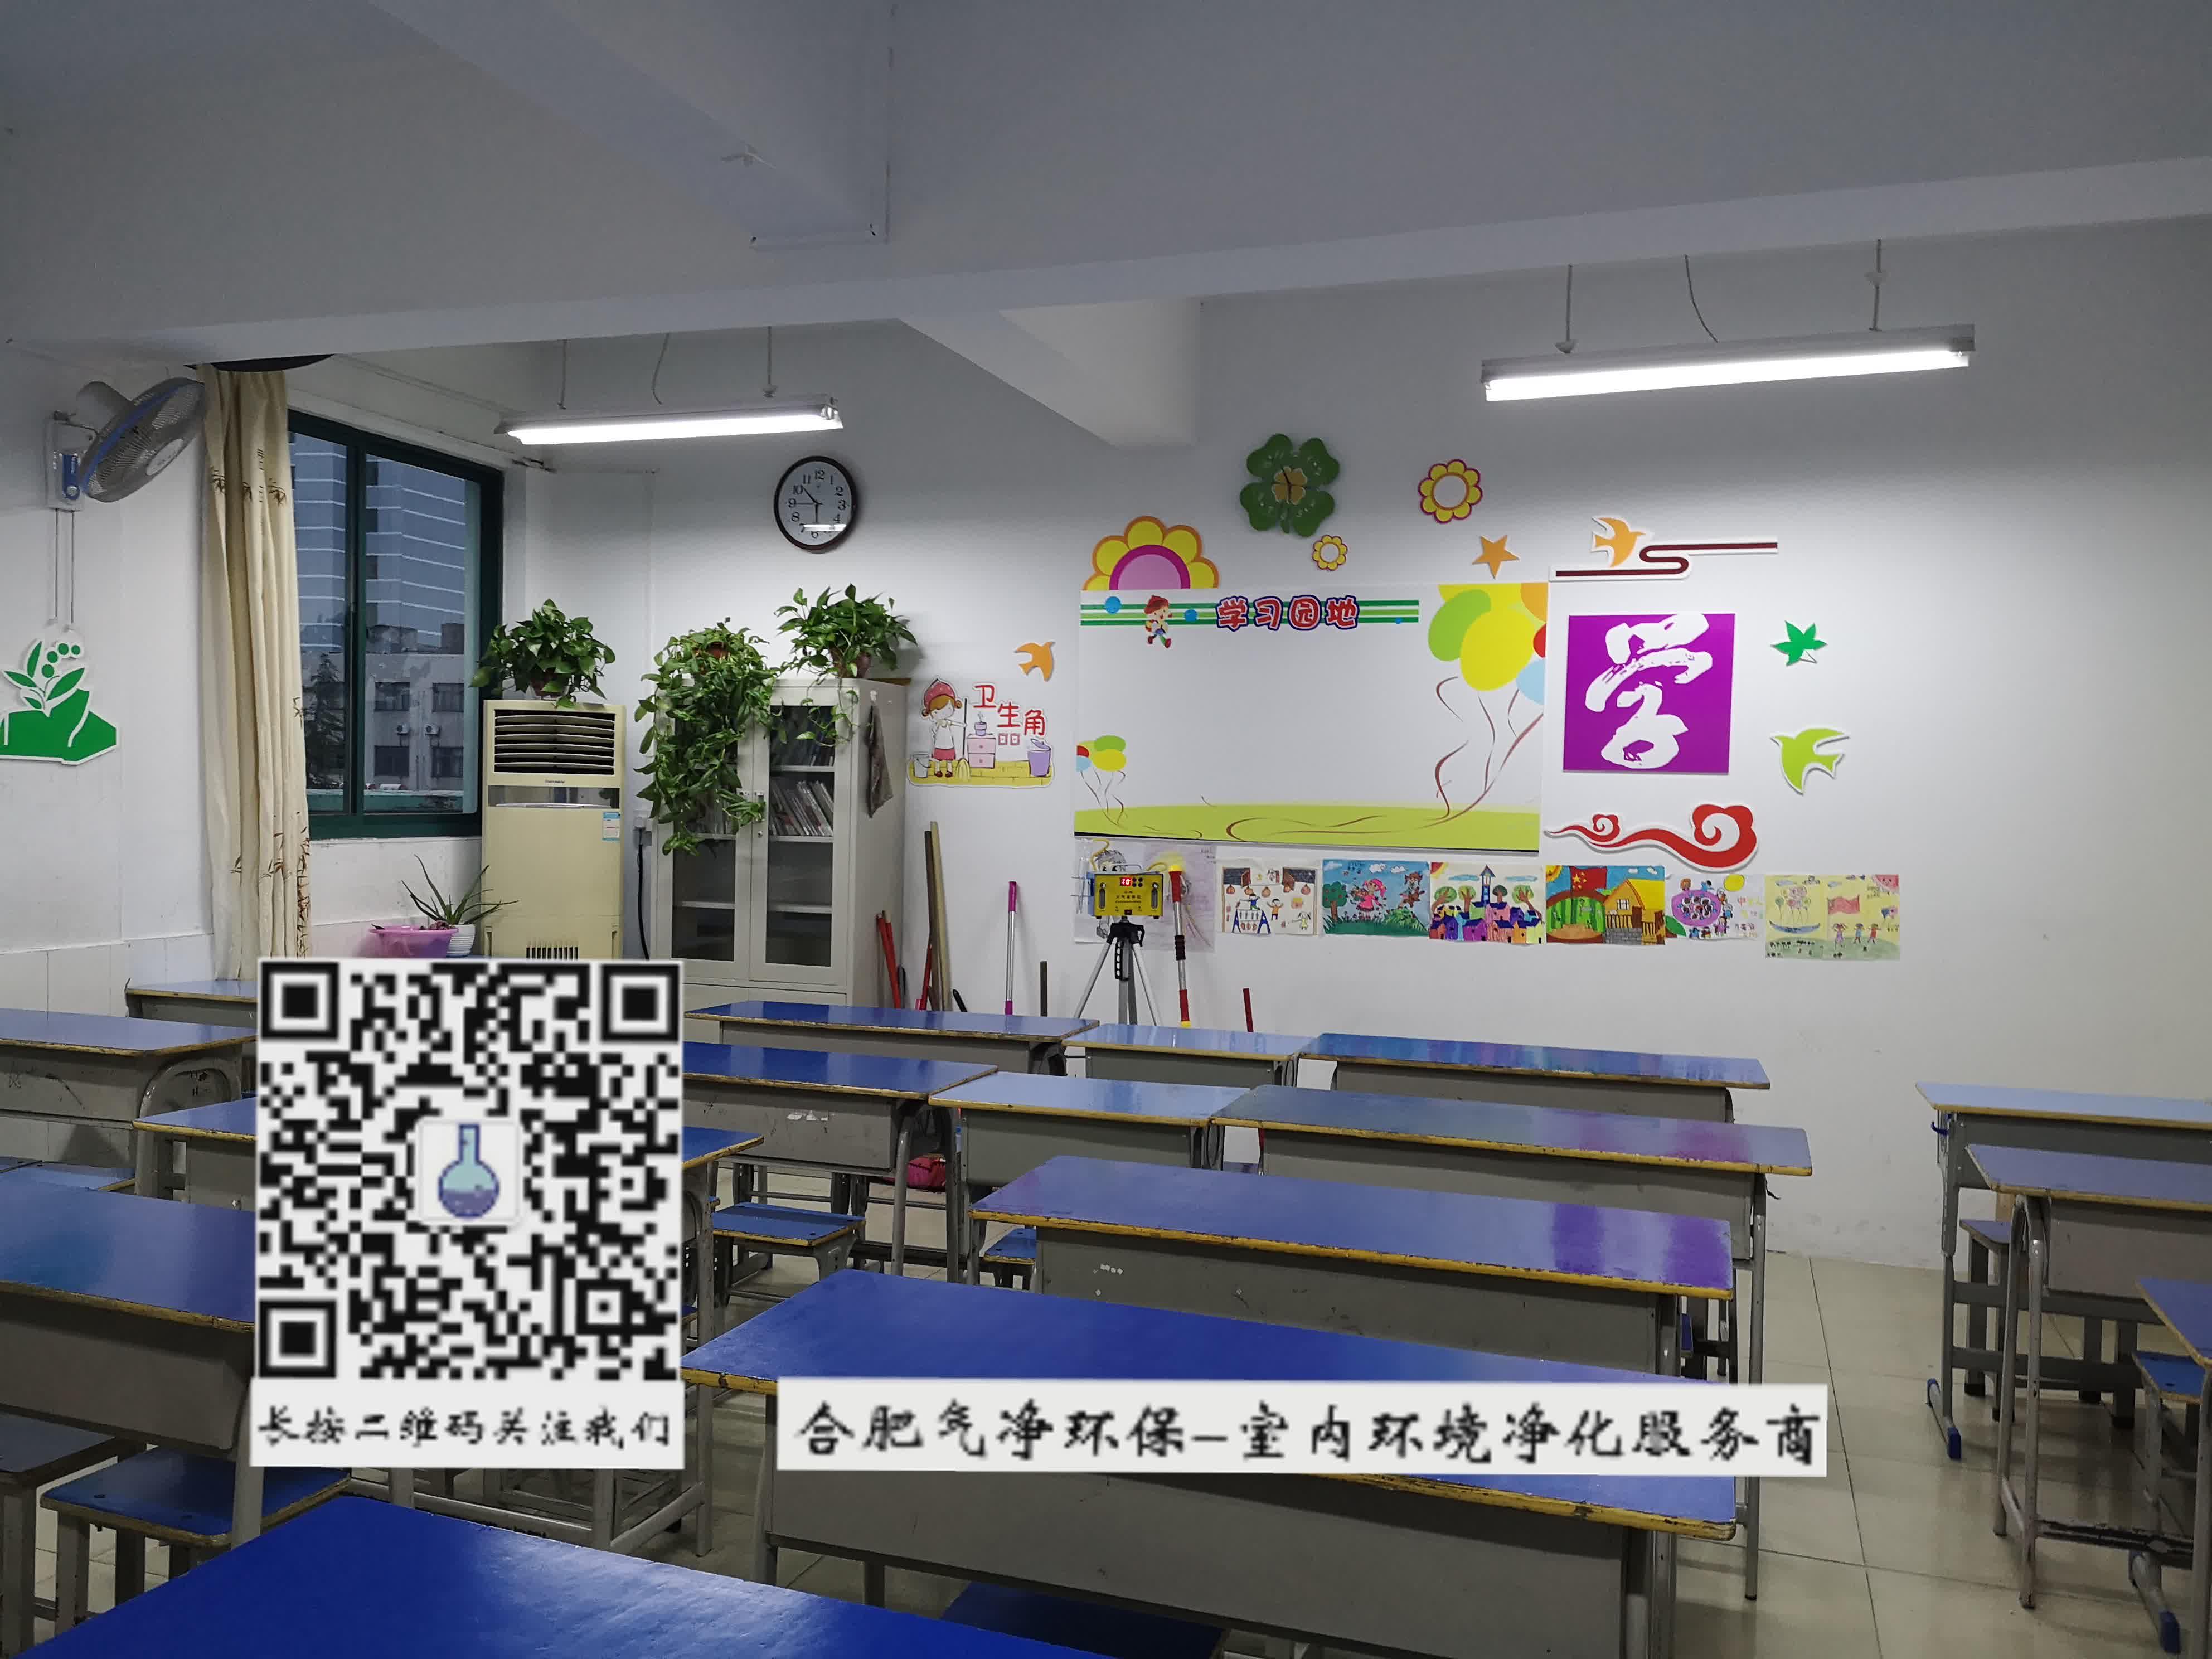 水印图片by水印王_20180920-18126812